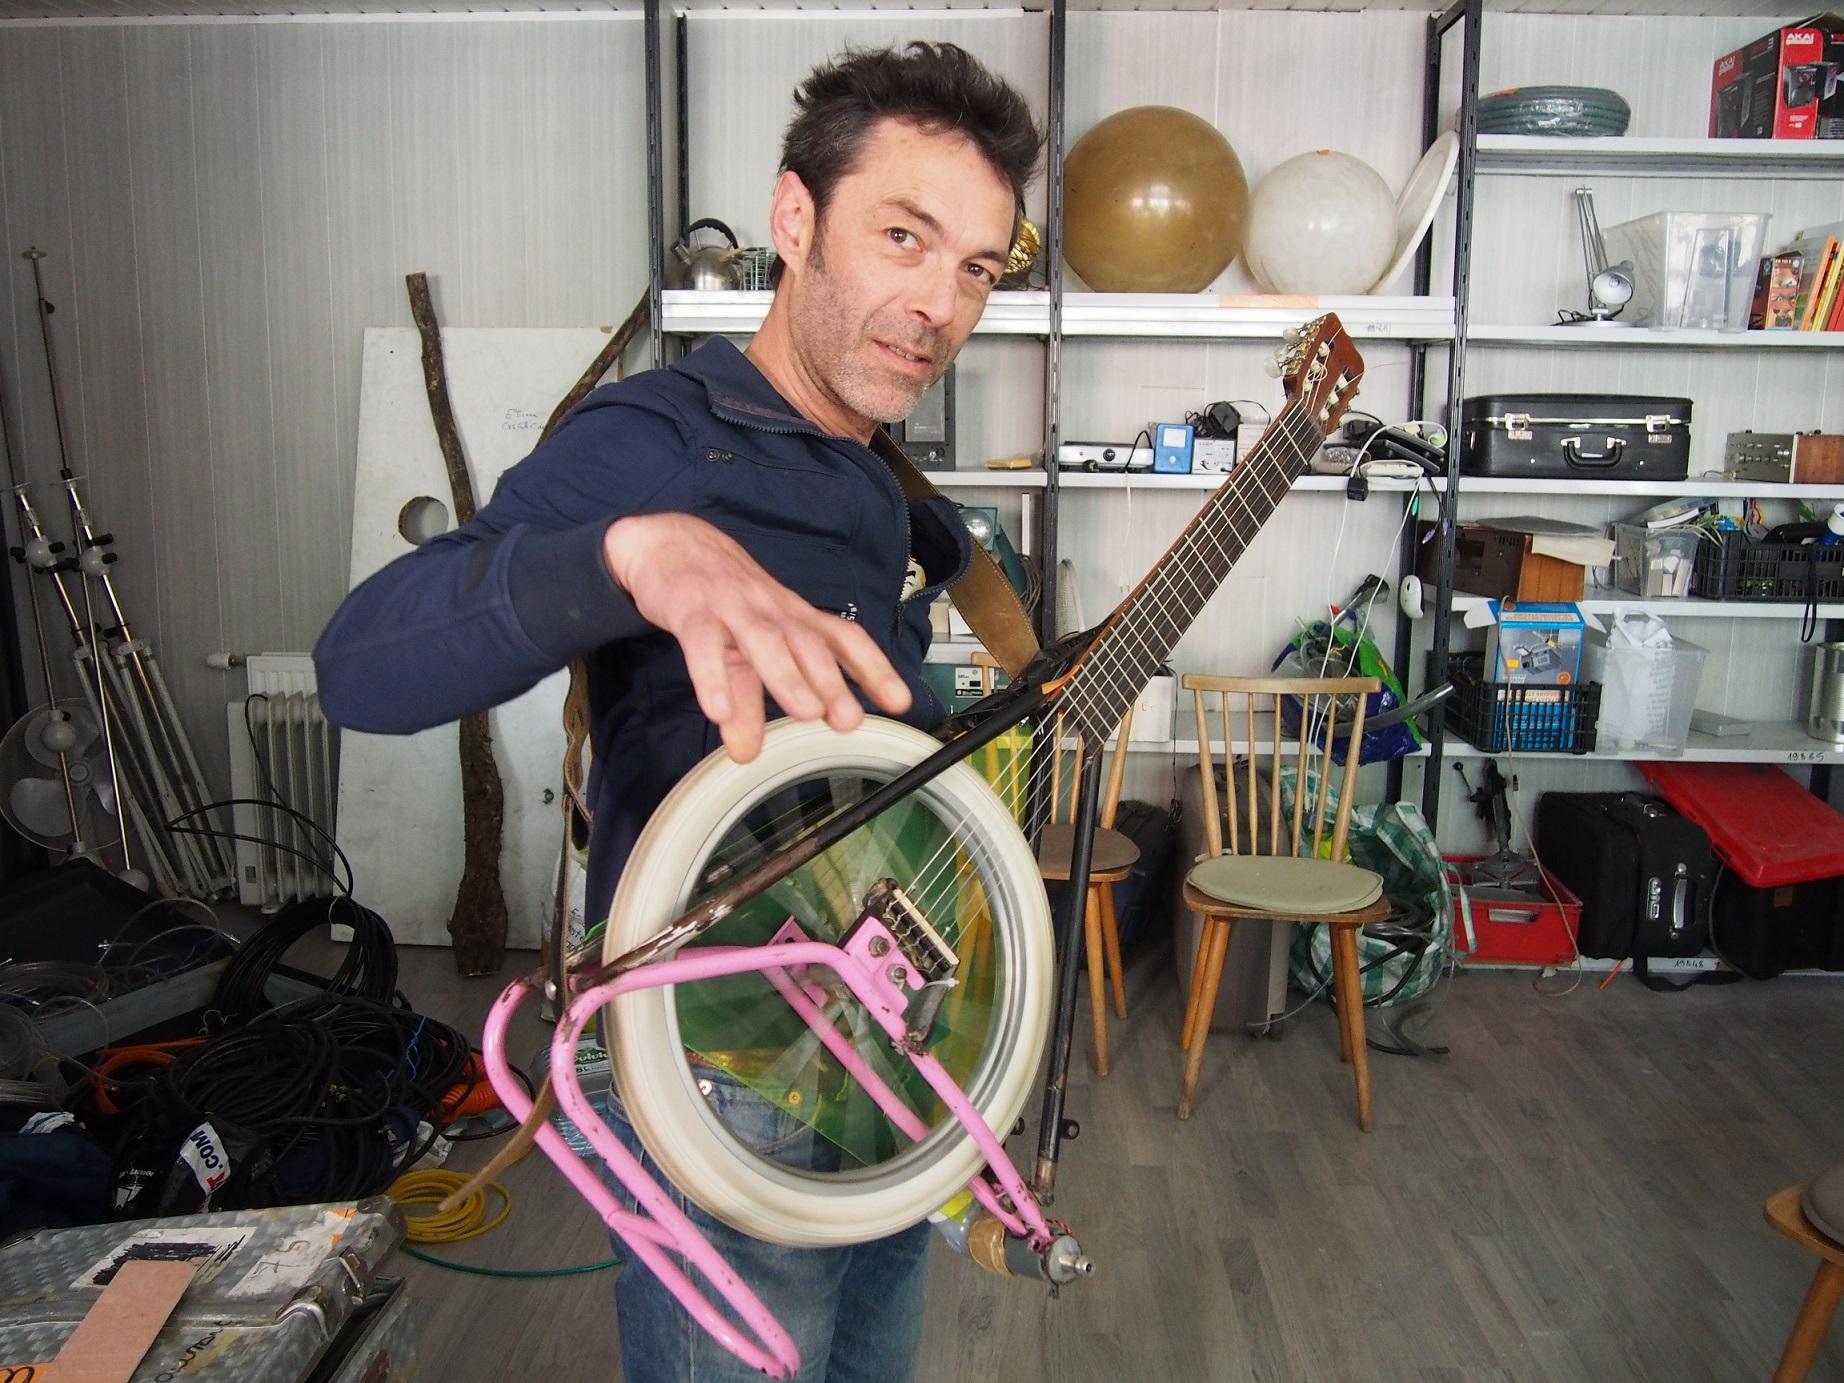 Benoit, plasticien, nous présent sa guitare en roue de vélo.